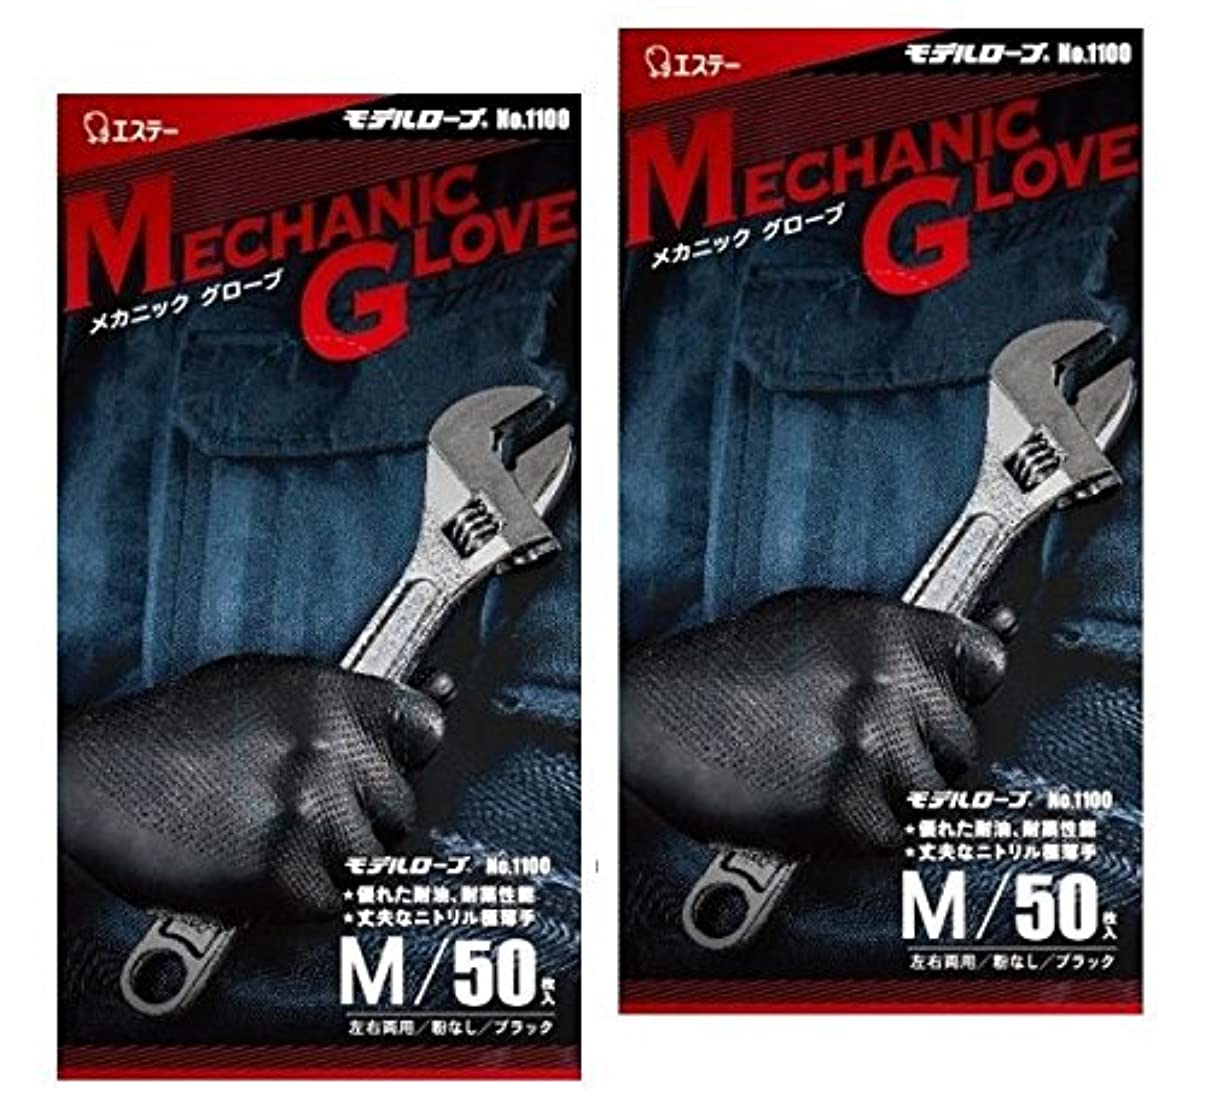 免除するピストル混雑【2箱組】モデルローブ No.1100 メカニックグローブ Mサイズ ブラック 50枚